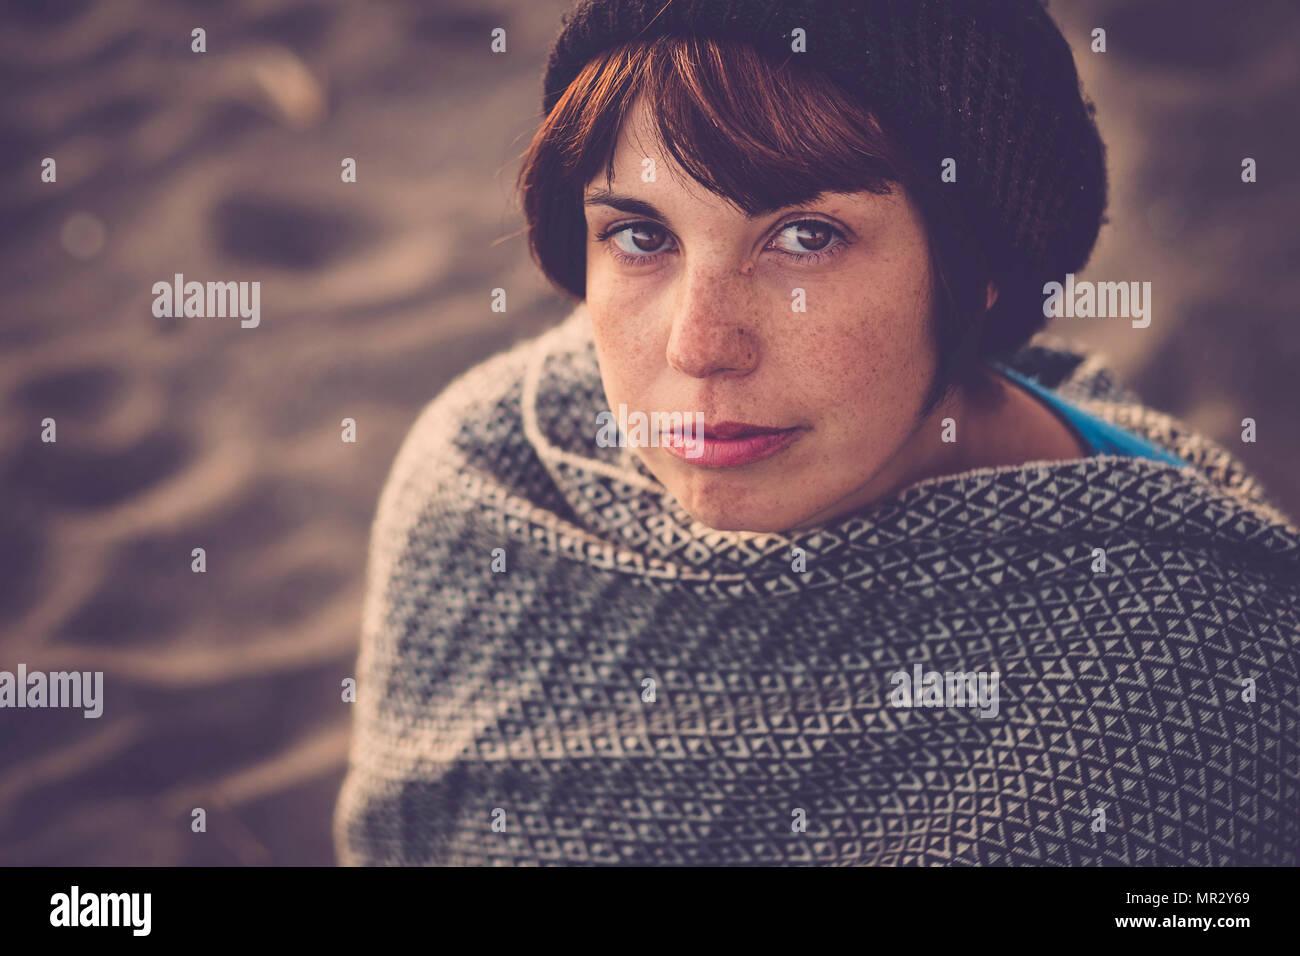 Bella giovane signora ritratto in stile vintage filtro. Guarda la fotocamera con lentiggini sul viso Immagini Stock